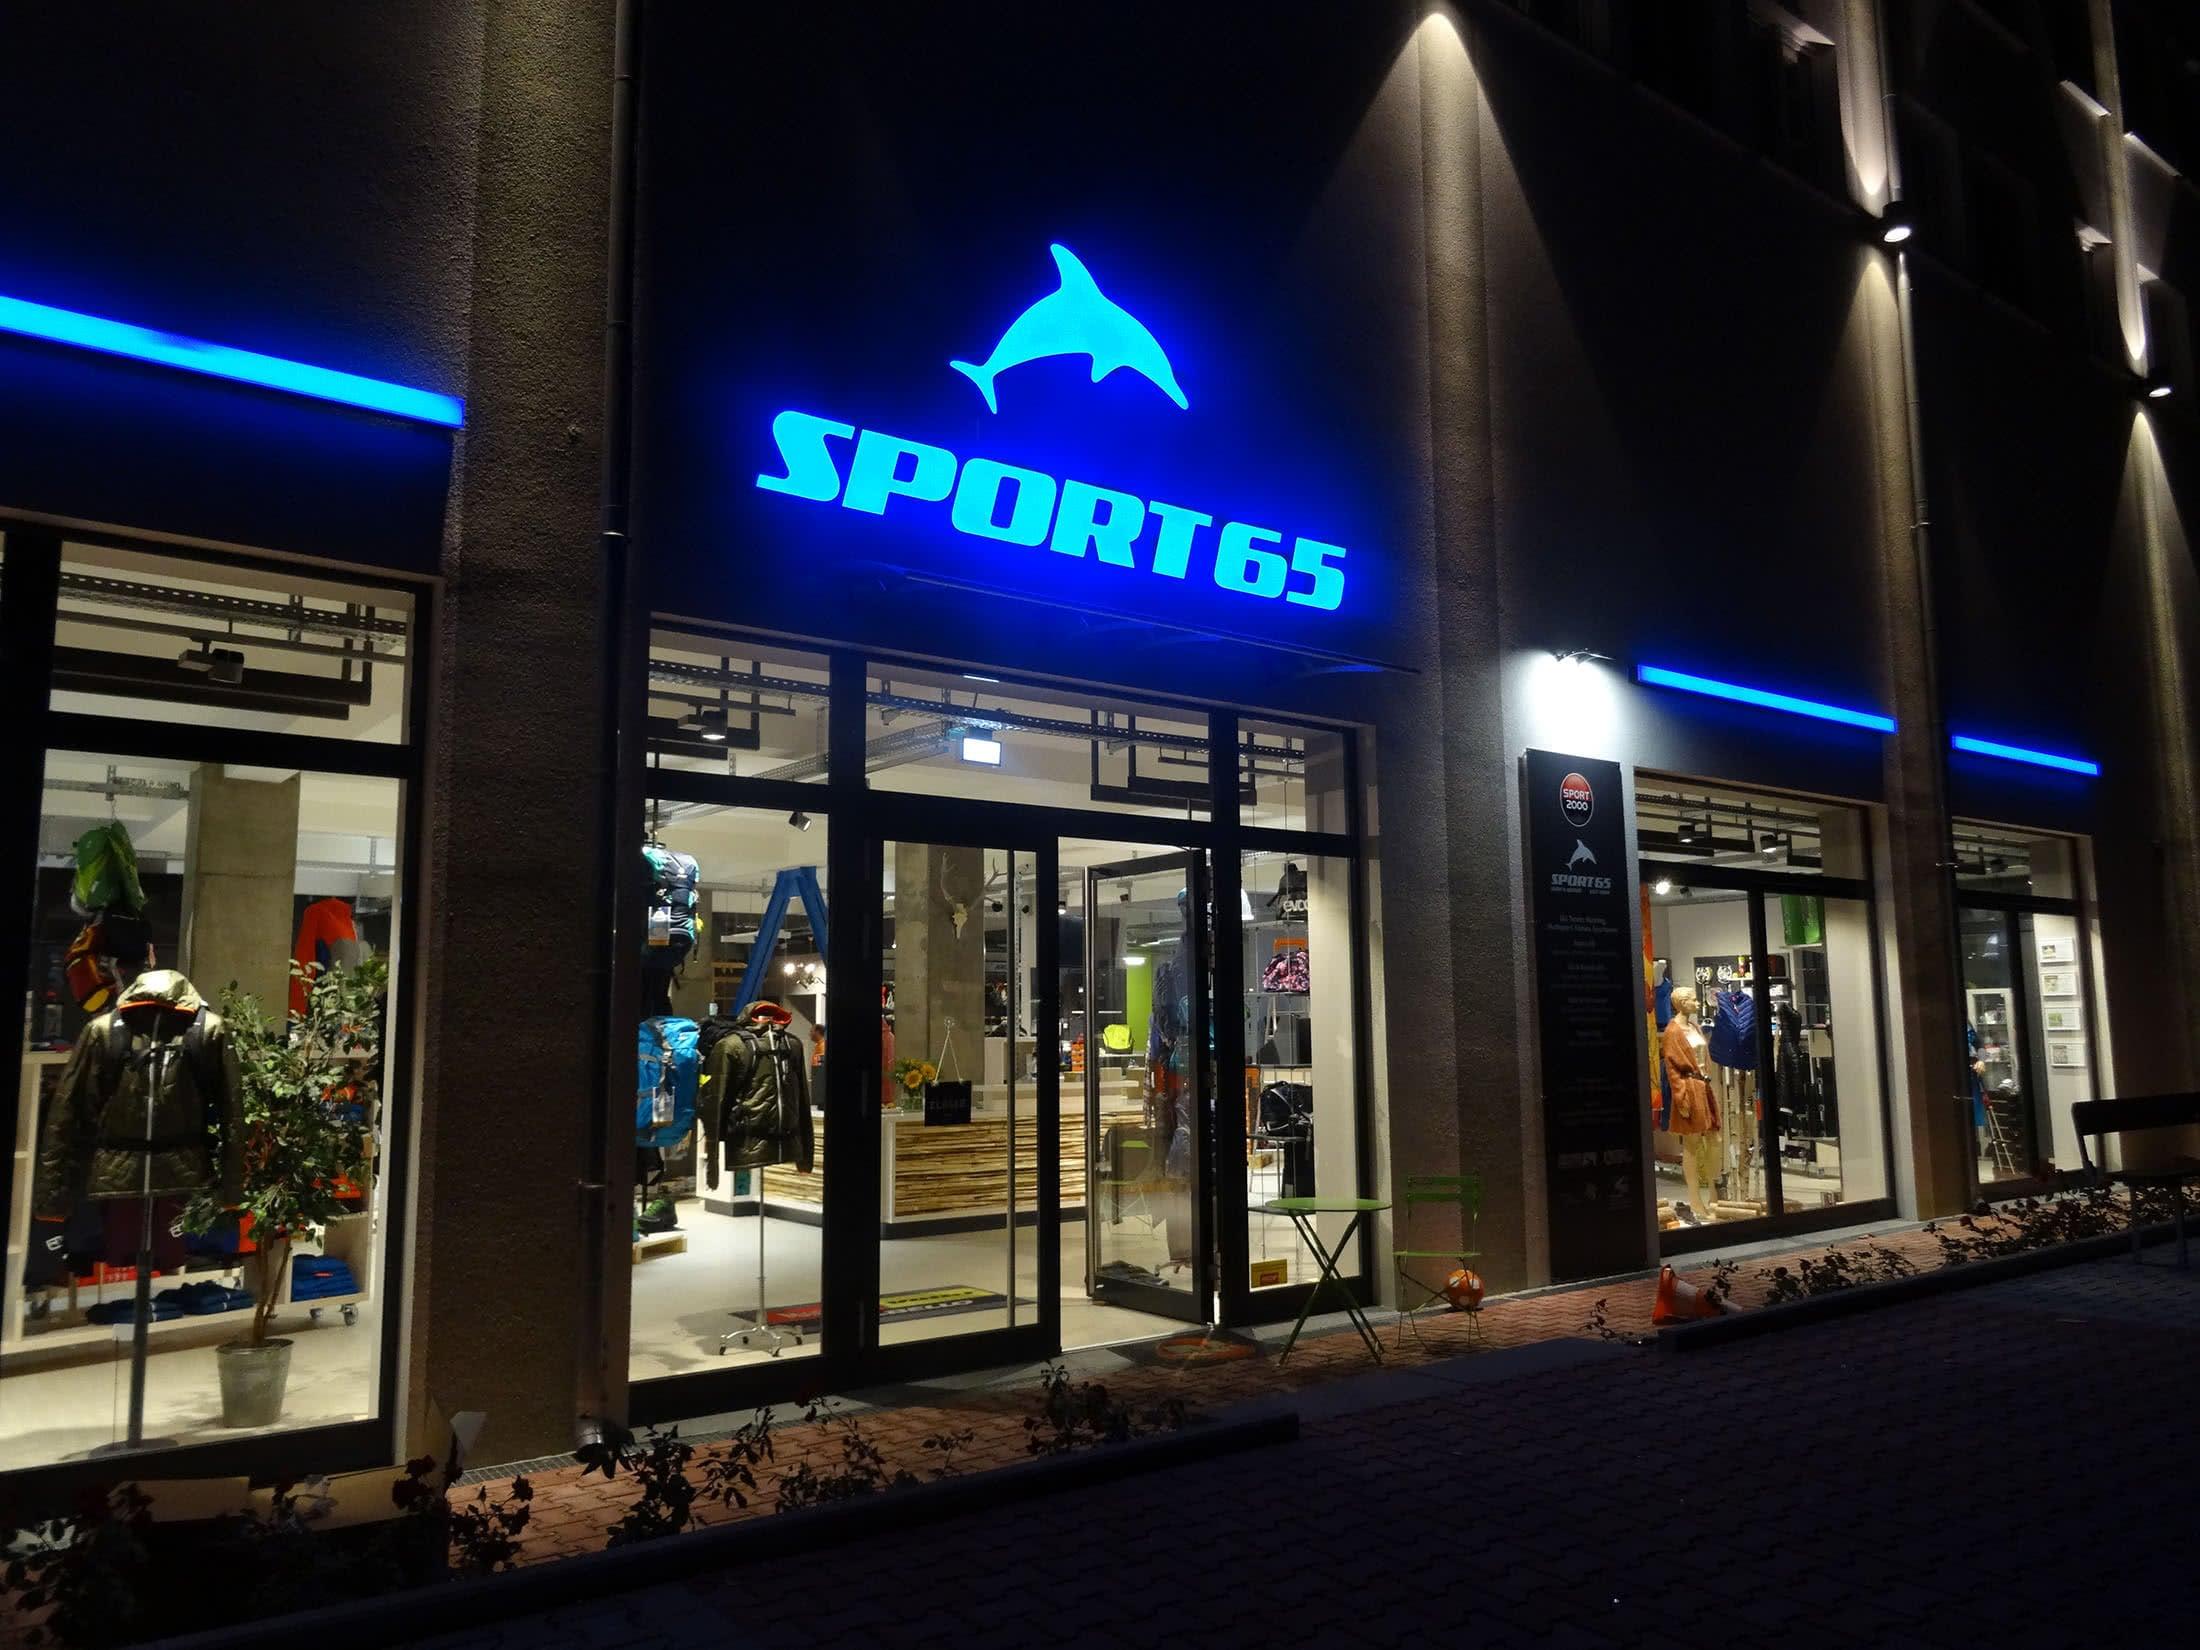 Kletterausrüstung Leihen Frankfurt : Sport65 weinheim sportshop skiverleih skiservice tennisservice